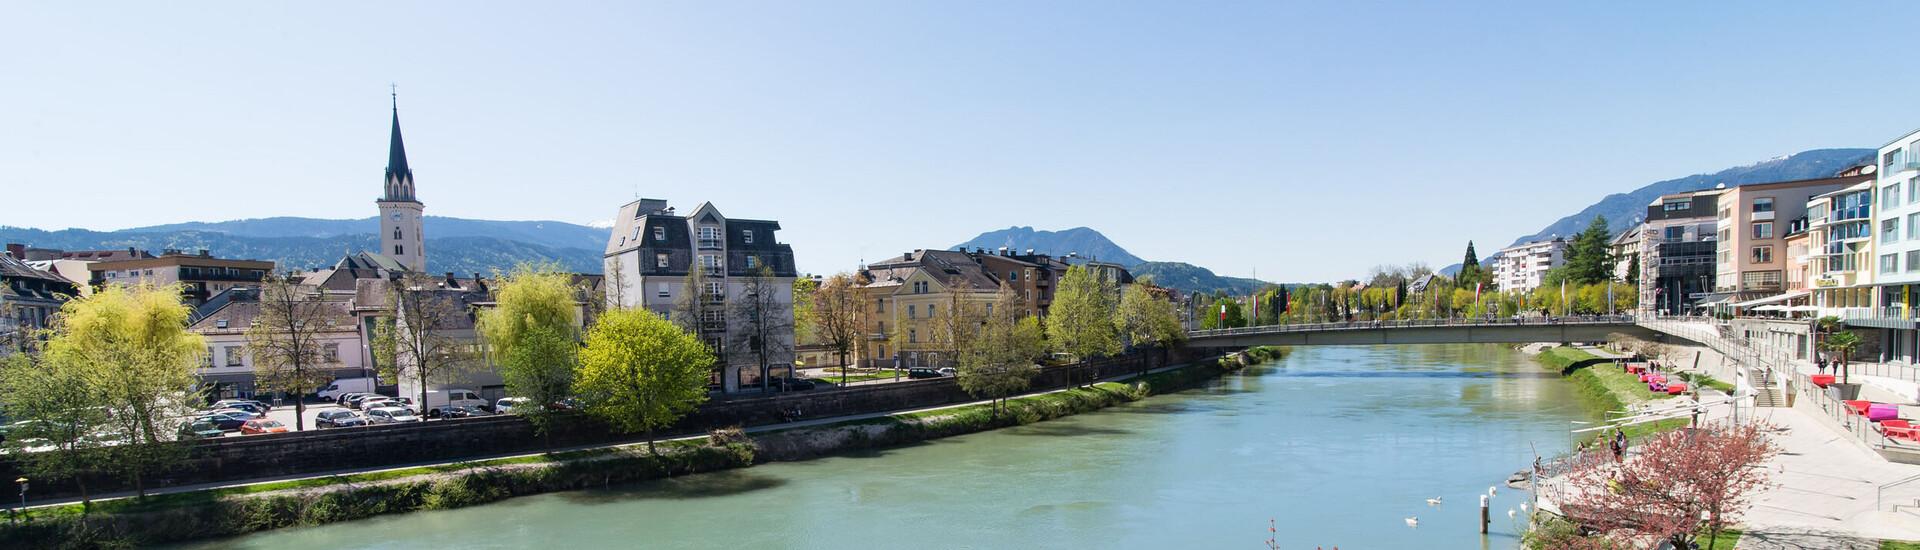 Der Ausblick auf den Fluss und die Stadt beim Urlaub nahe Villach